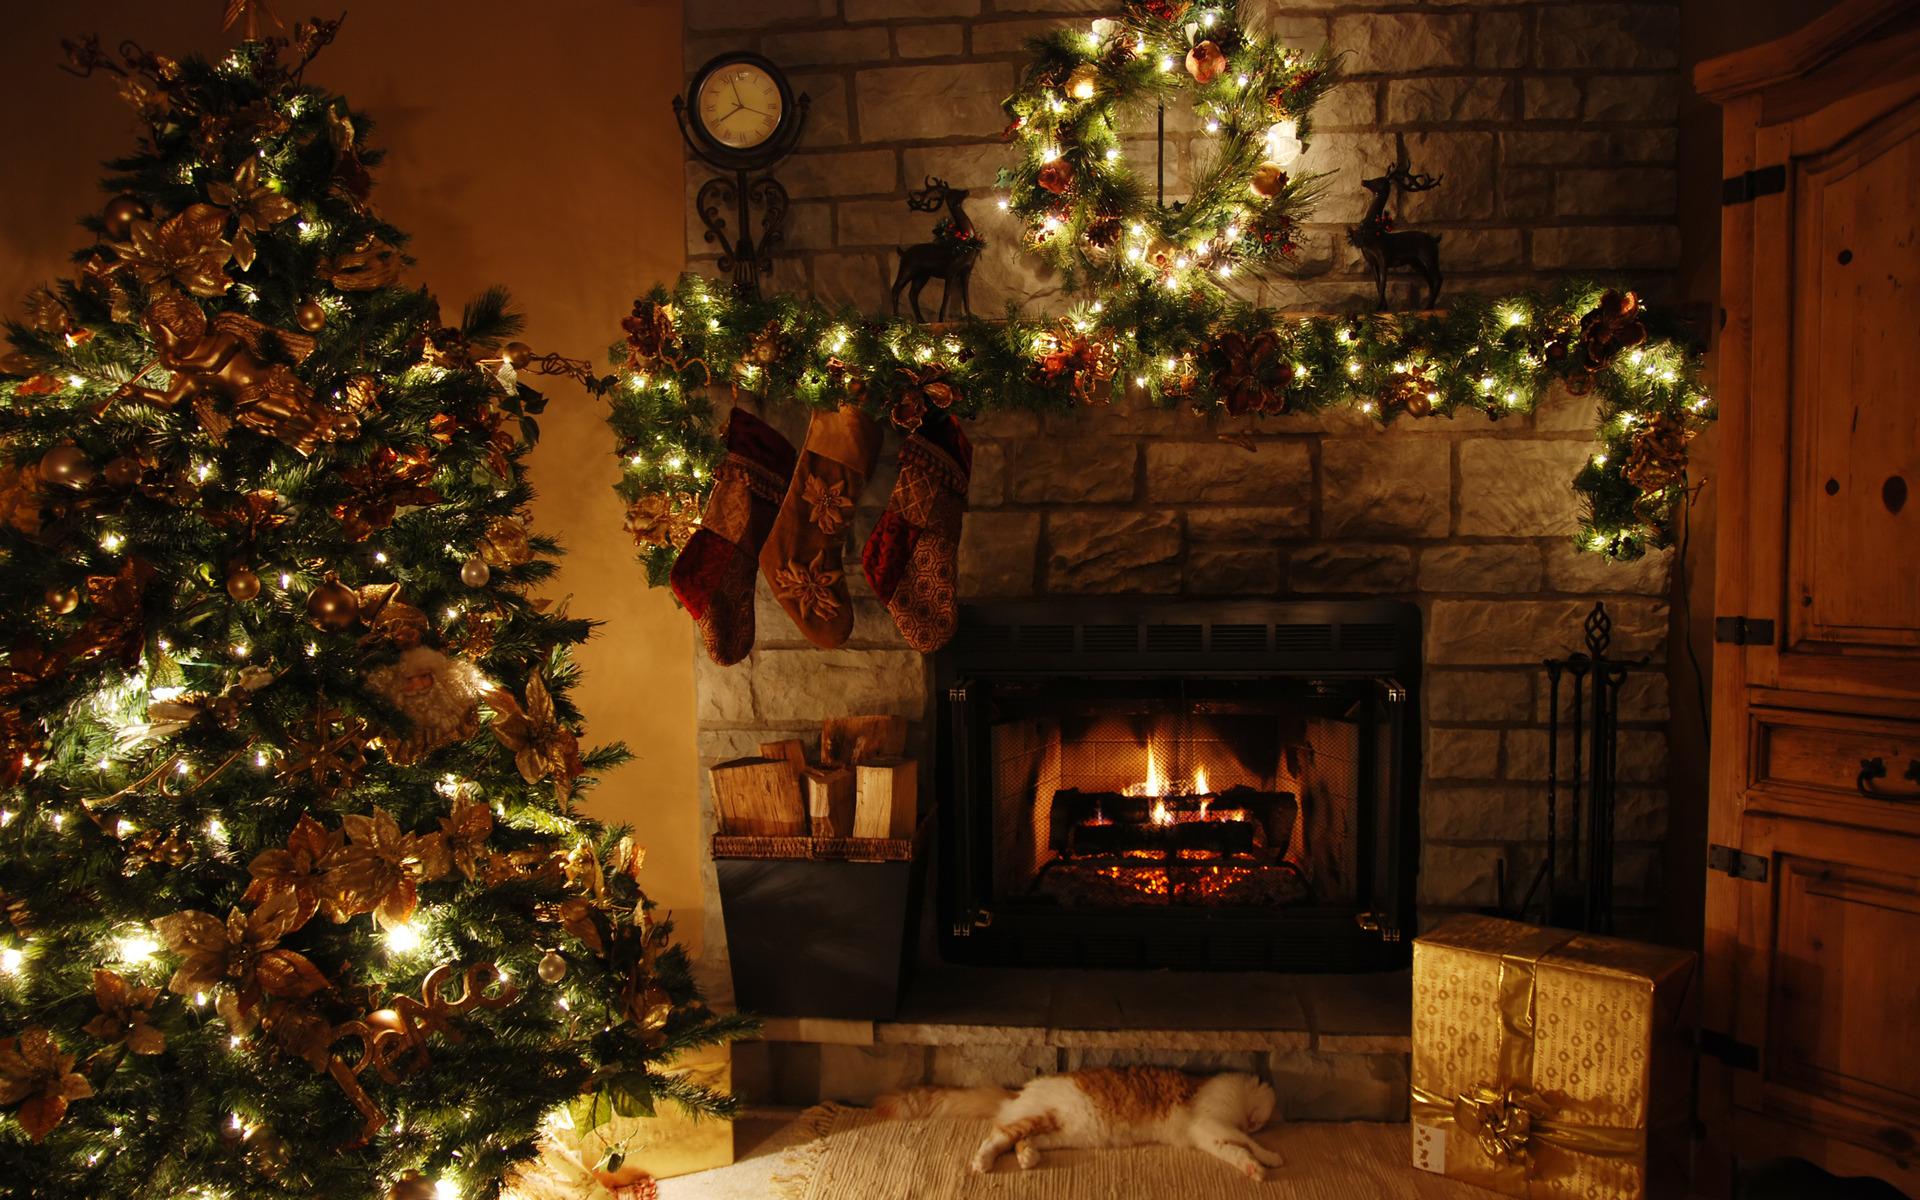 картинки с елкой и камином в доме фото выглядит аллергия руках